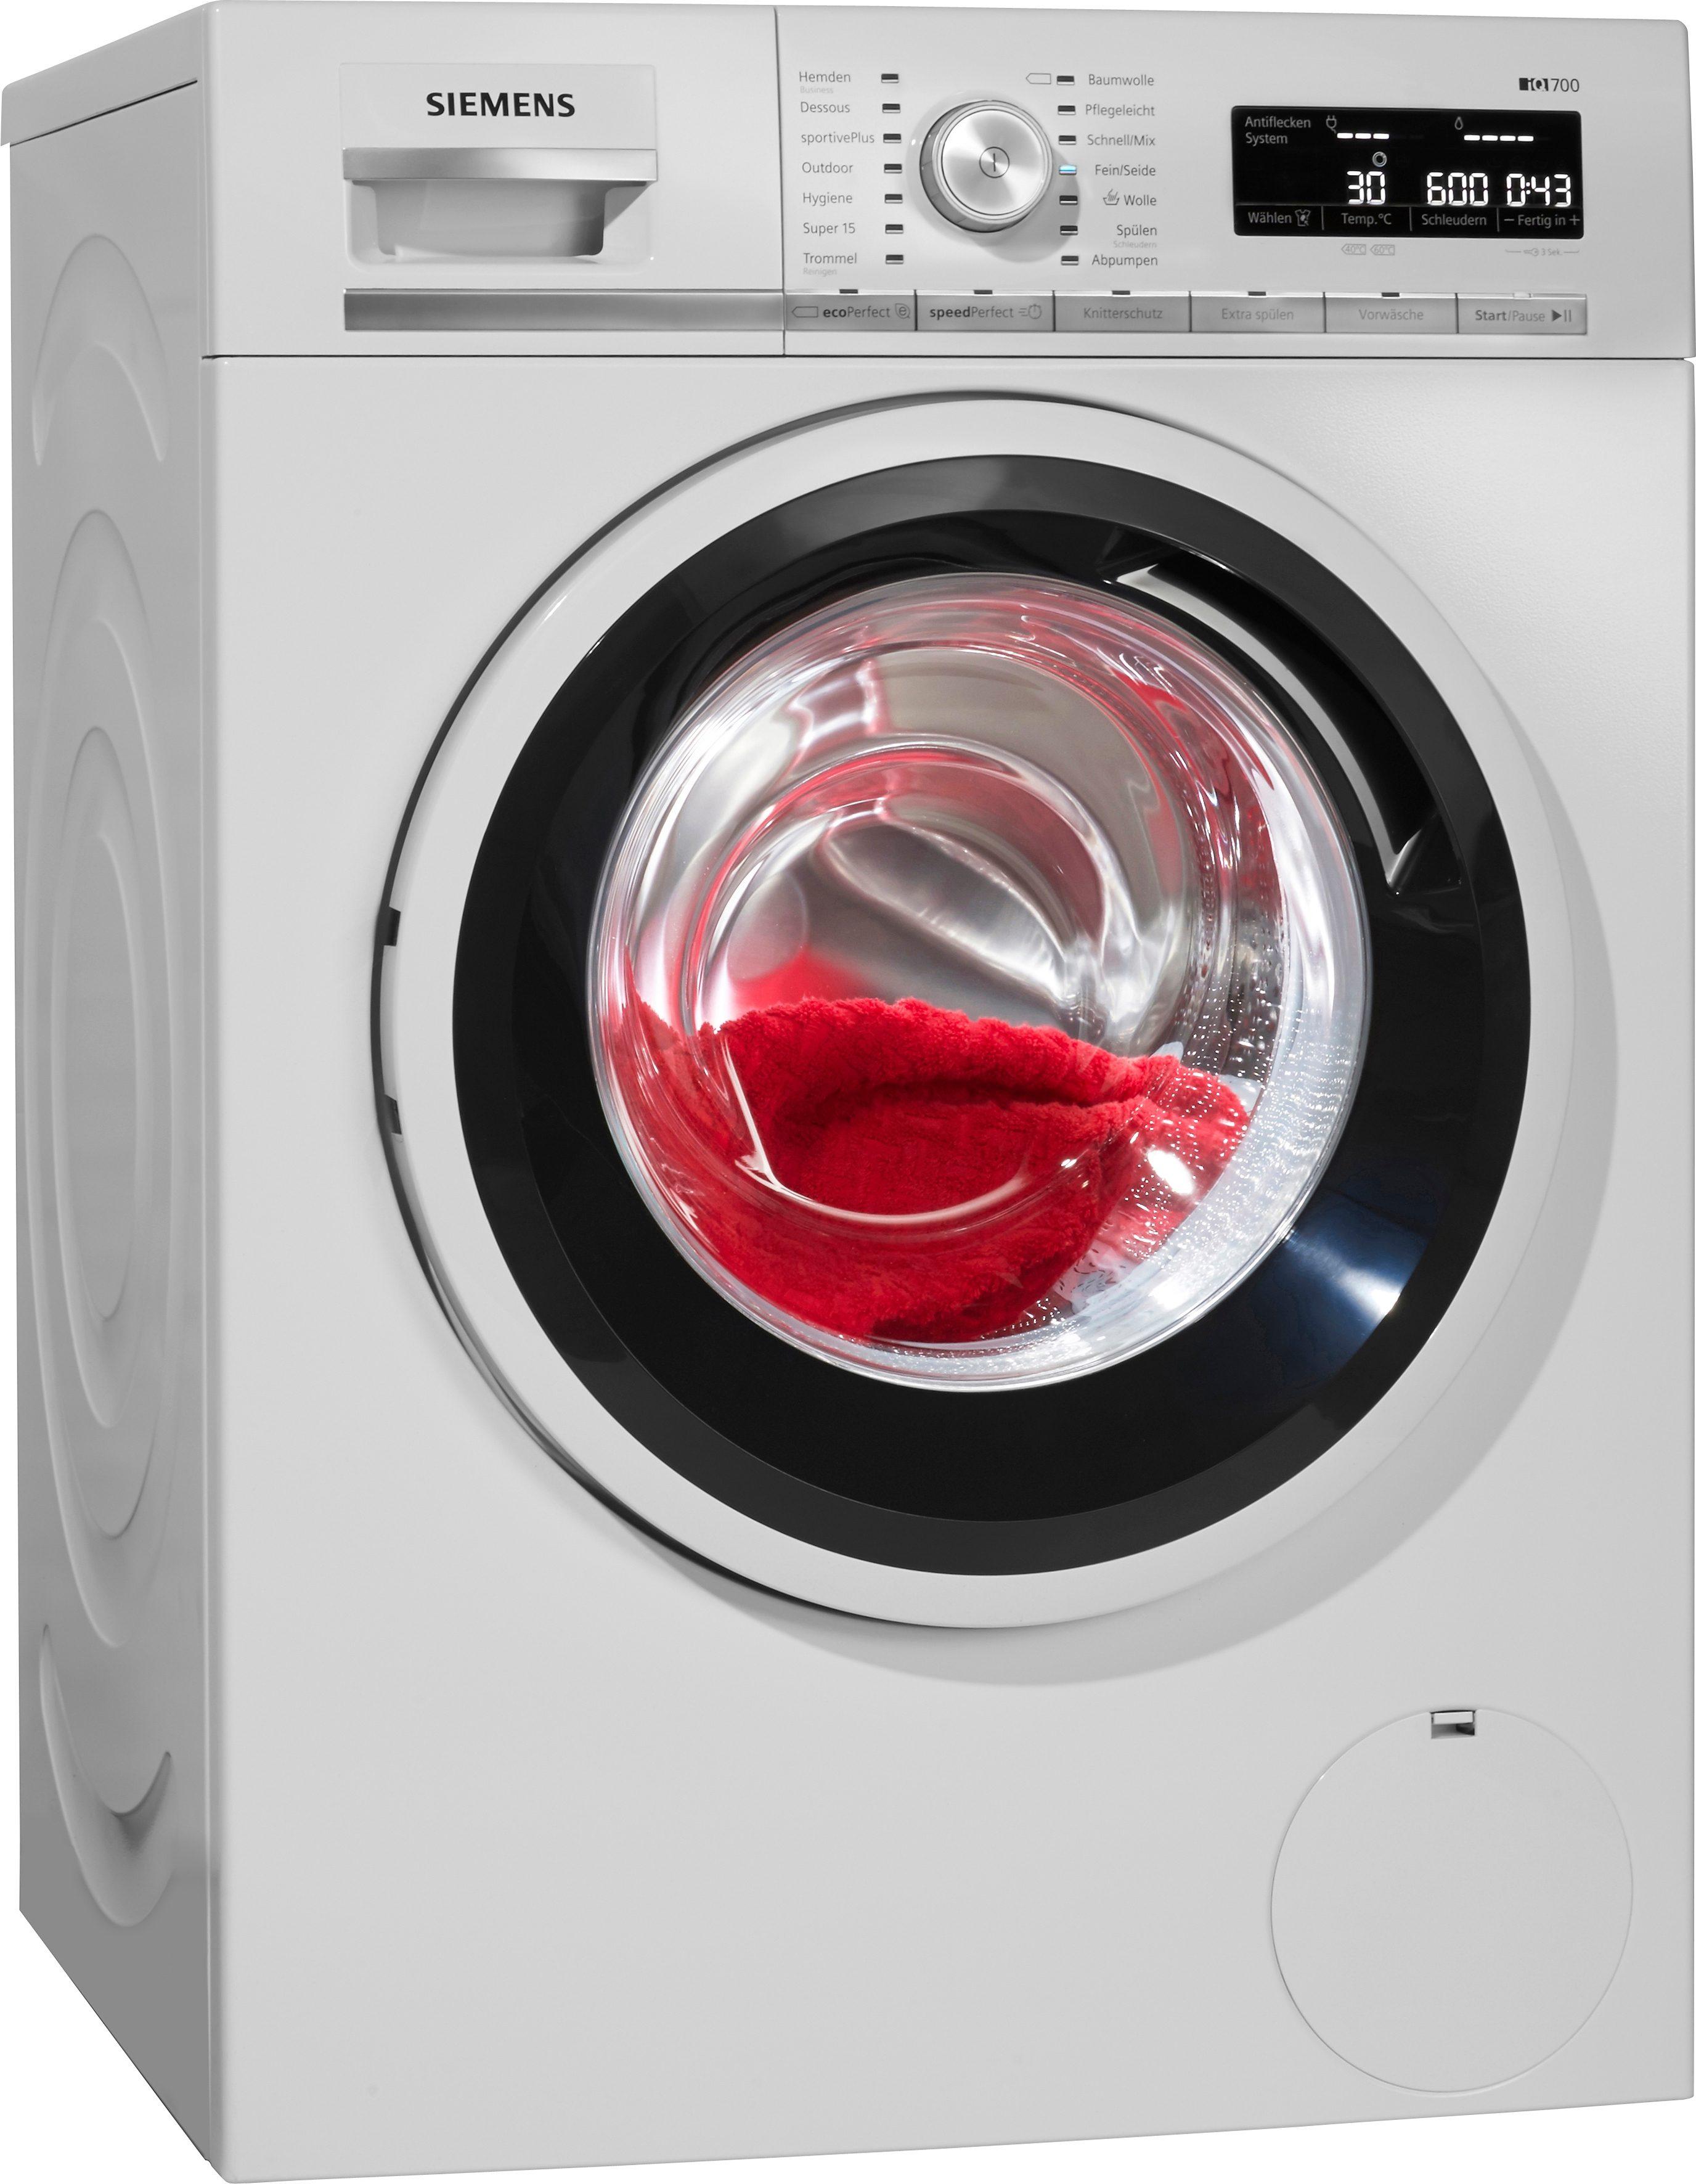 SIEMENS Waschmaschine iQ700 WM14W5ECO, A+++, 8 kg, 1400 U/Min